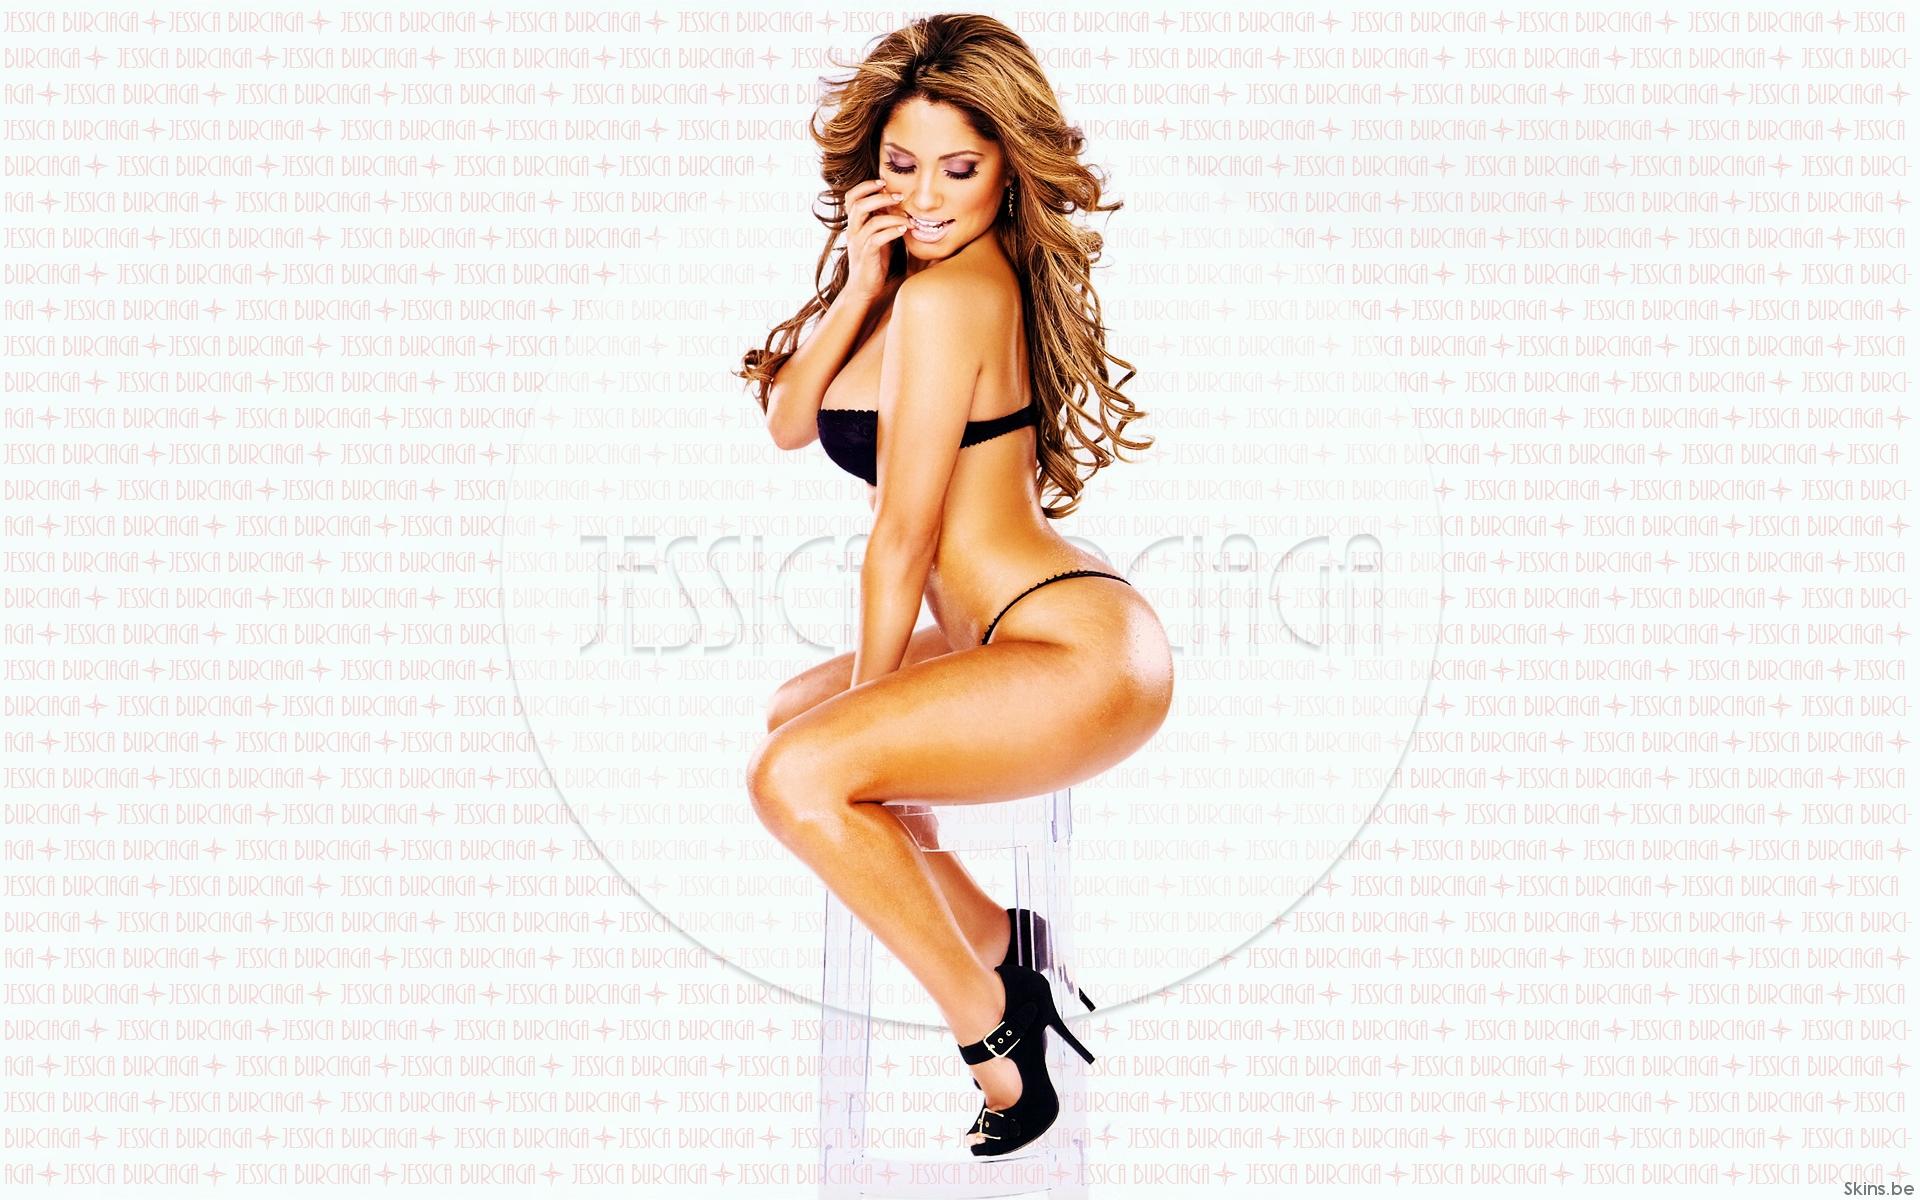 Jessica Burciaga Wallpaper